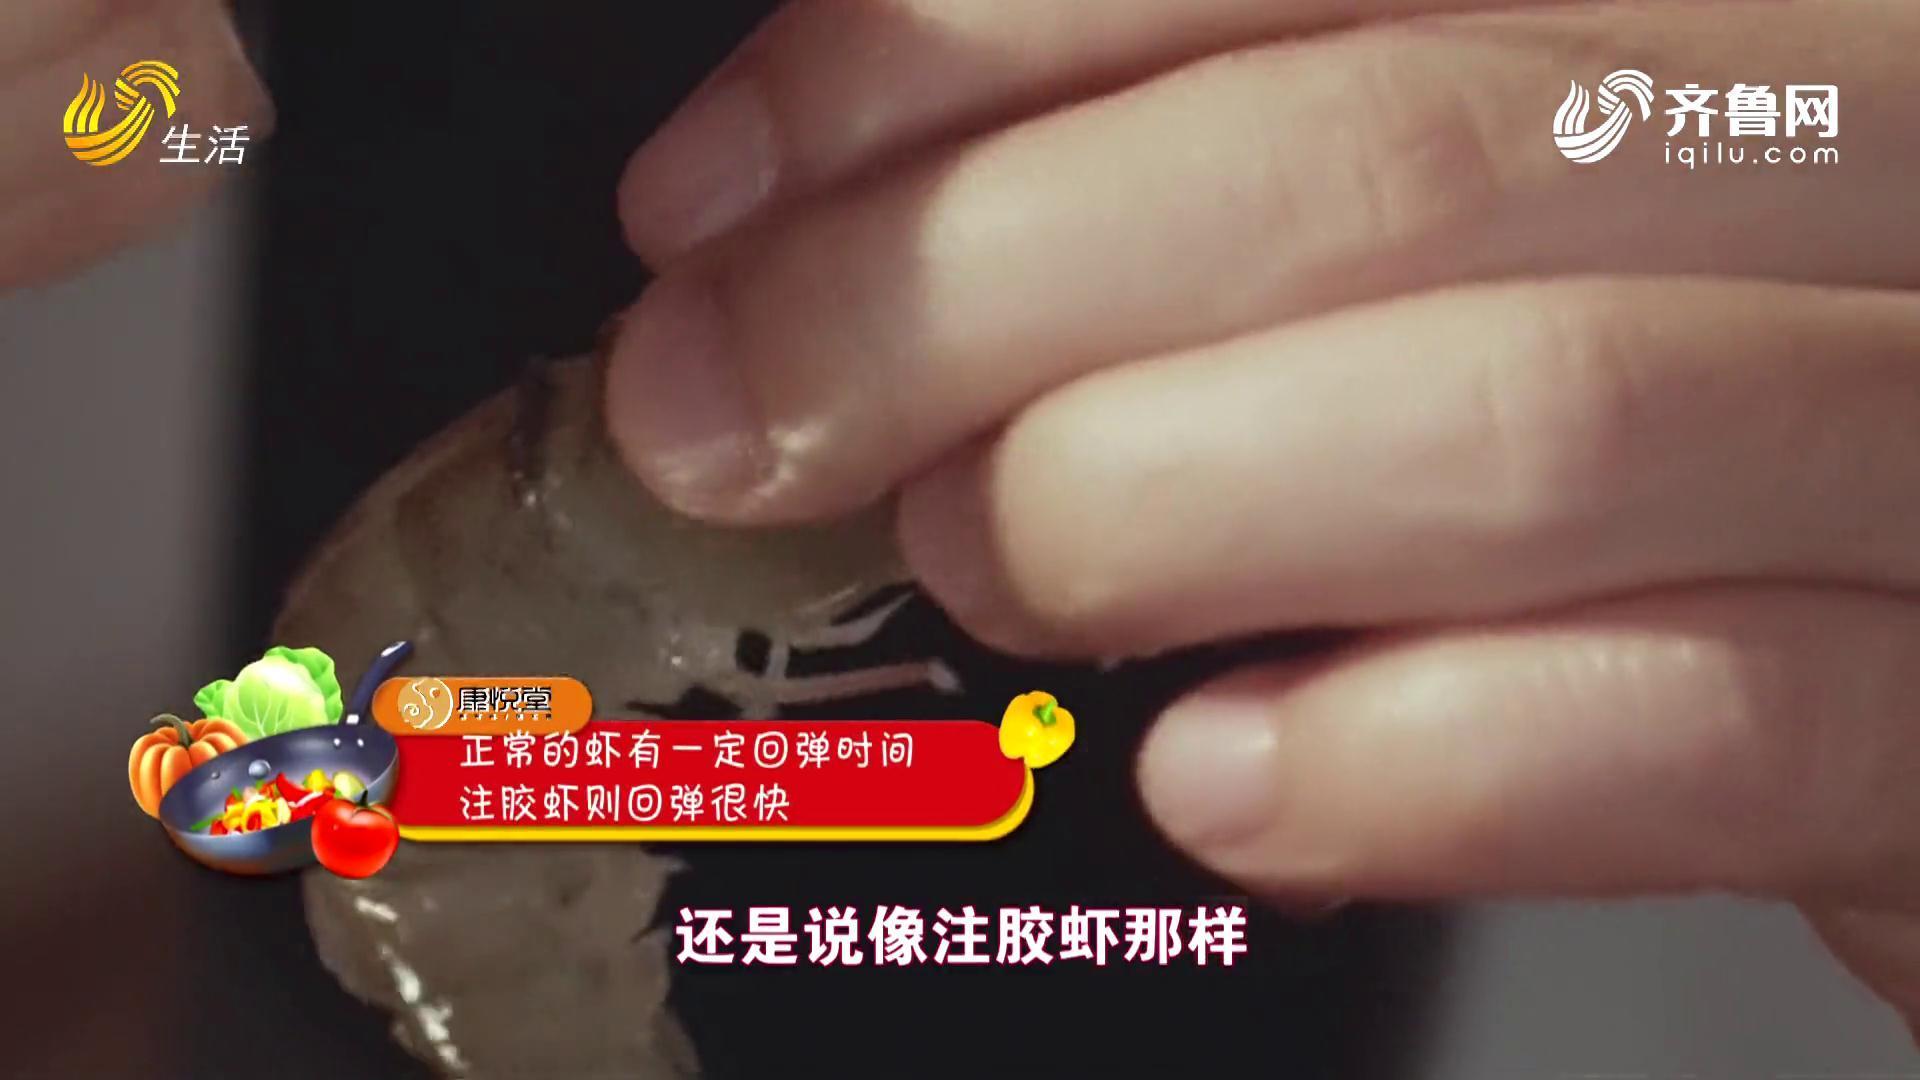 非探不可:鉴别冰冻虾是否注胶